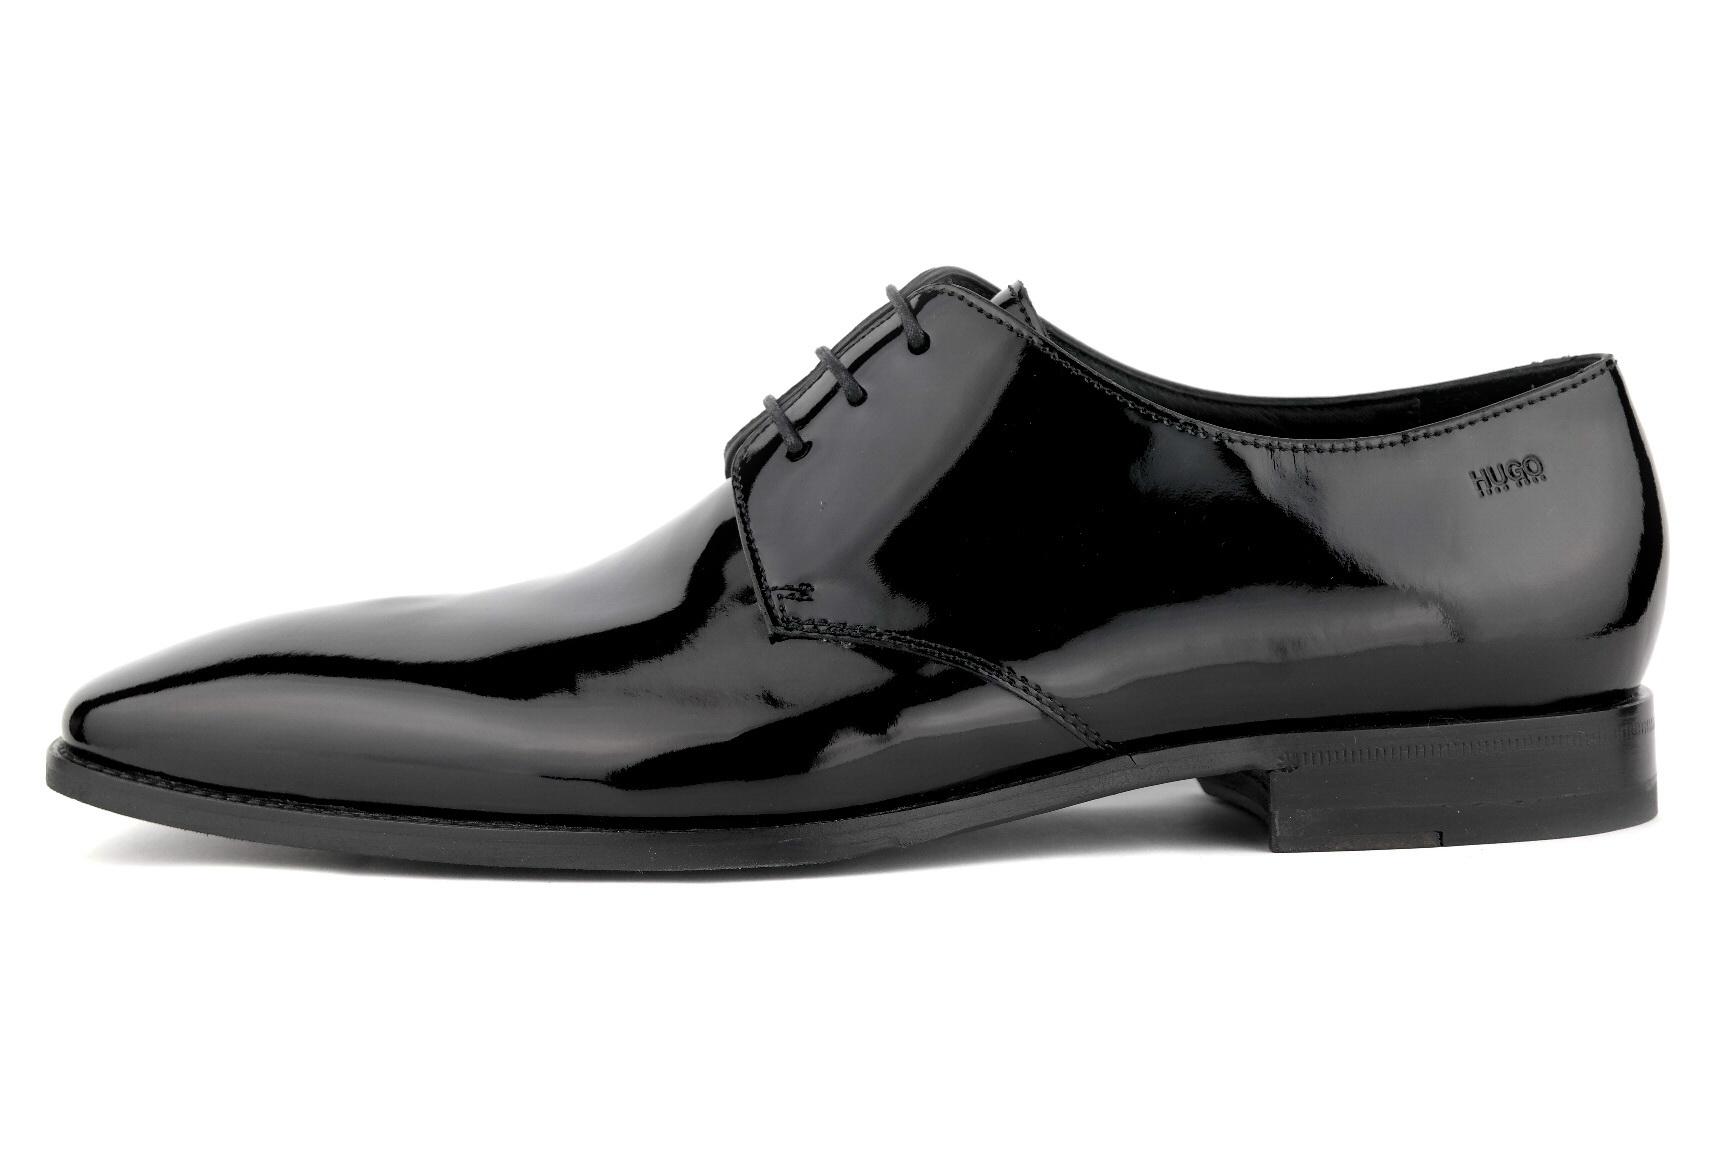 3283ab908381c HUGO BOSS Feroke Buty męskie czarne lakierowane 43 - 6985378582 ...